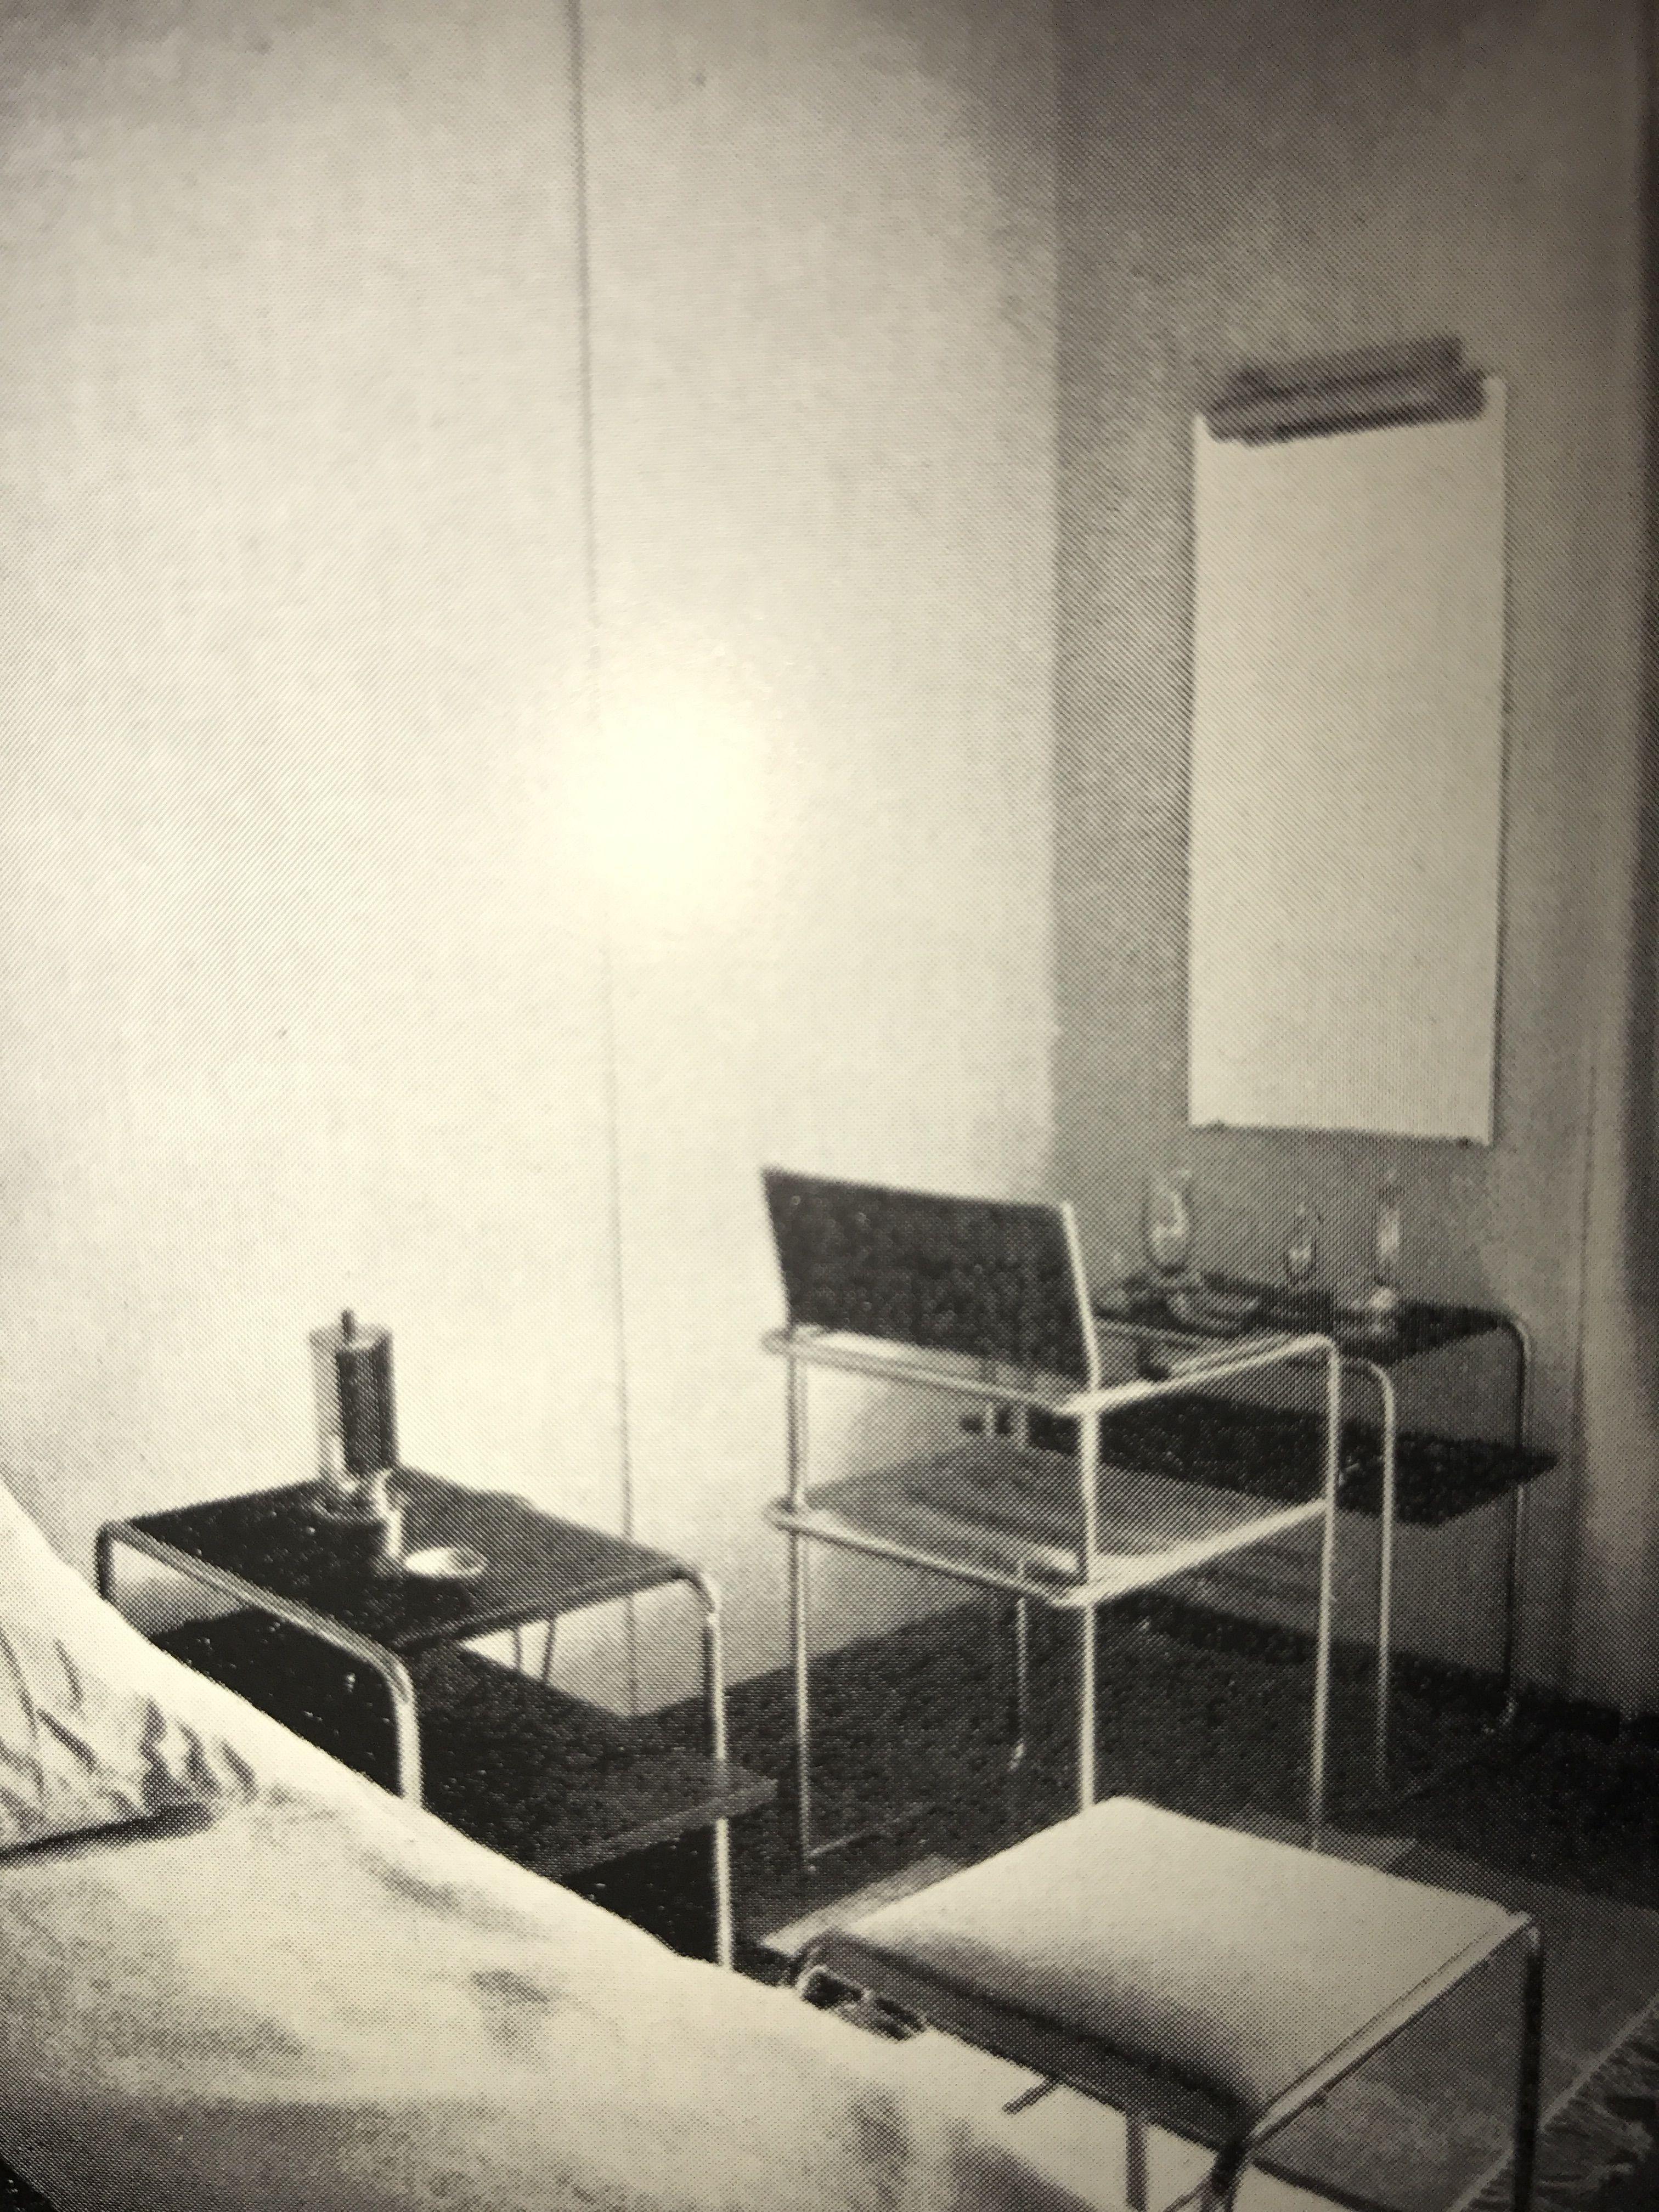 Mobel Im Bauhausstil 5 Merkmale Von Kunst Architektur Und Design